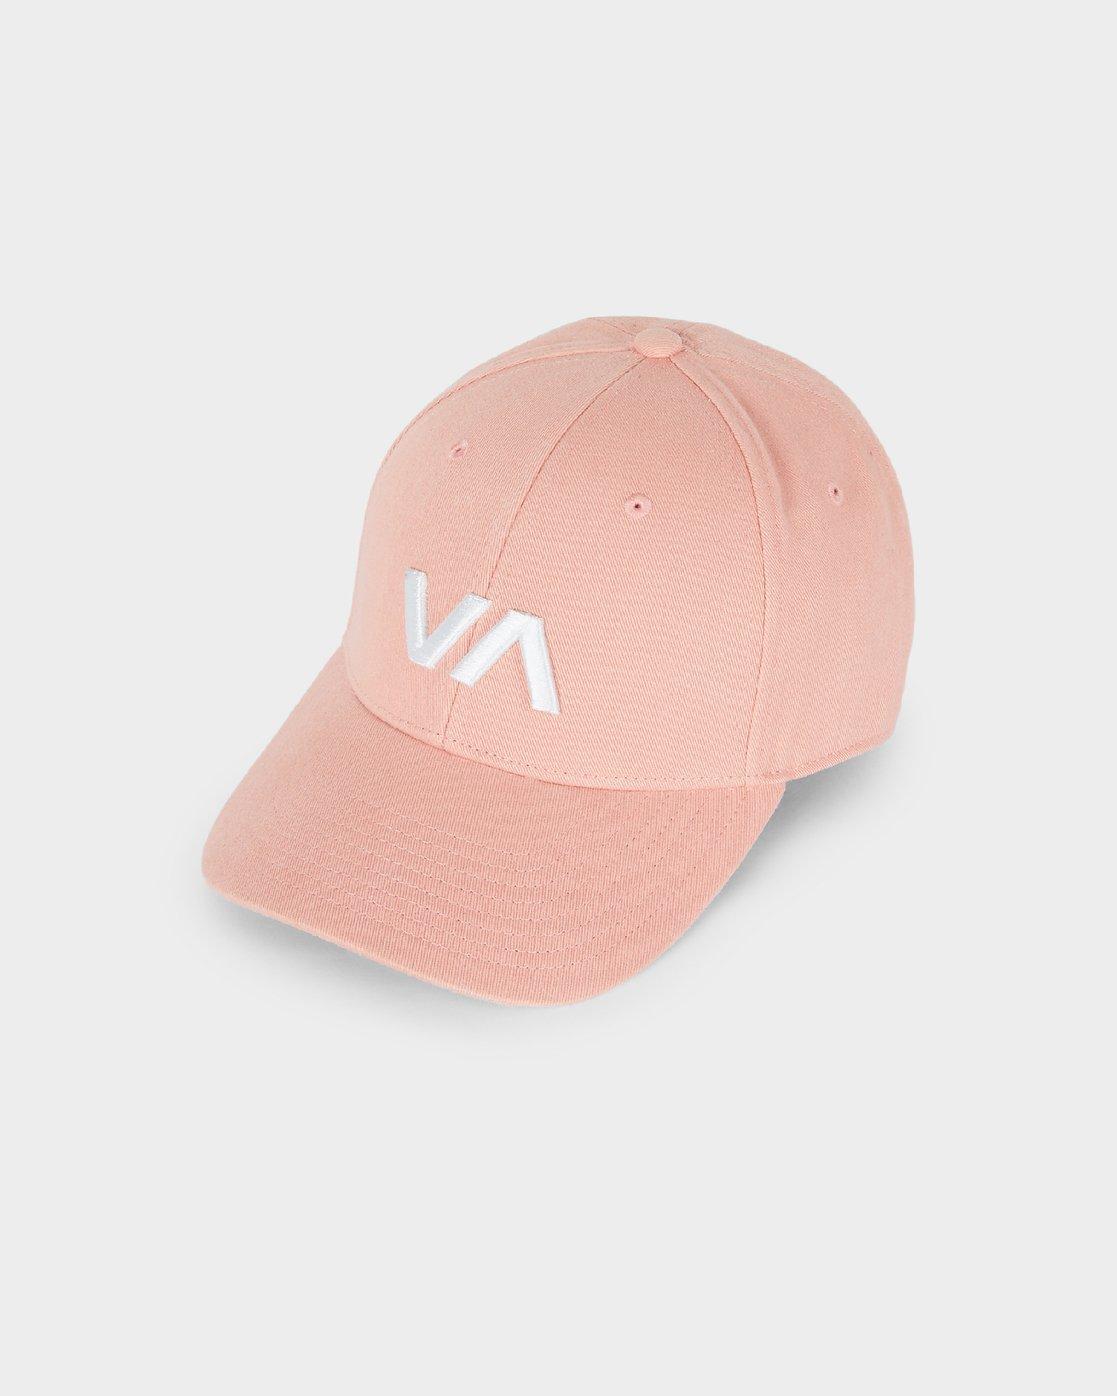 0 Va Baseball Cap Pink R283561 RVCA